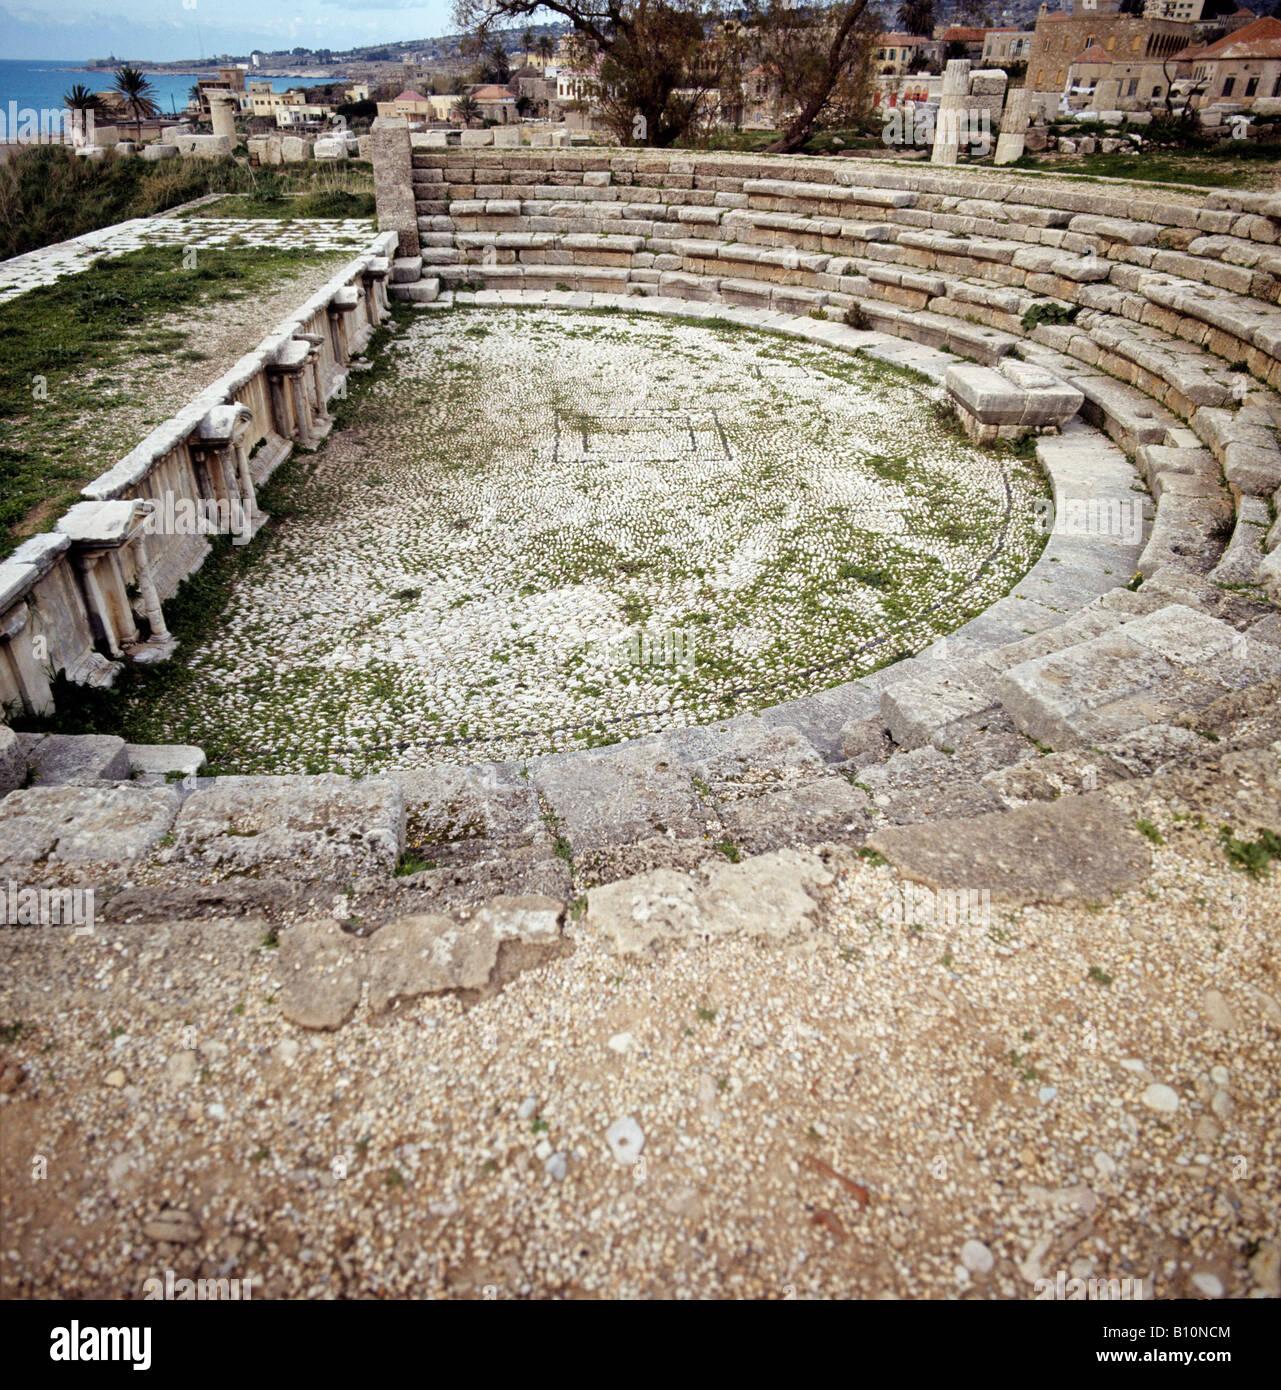 Théâtre romain de Byblos Lebabnon Photo Stock